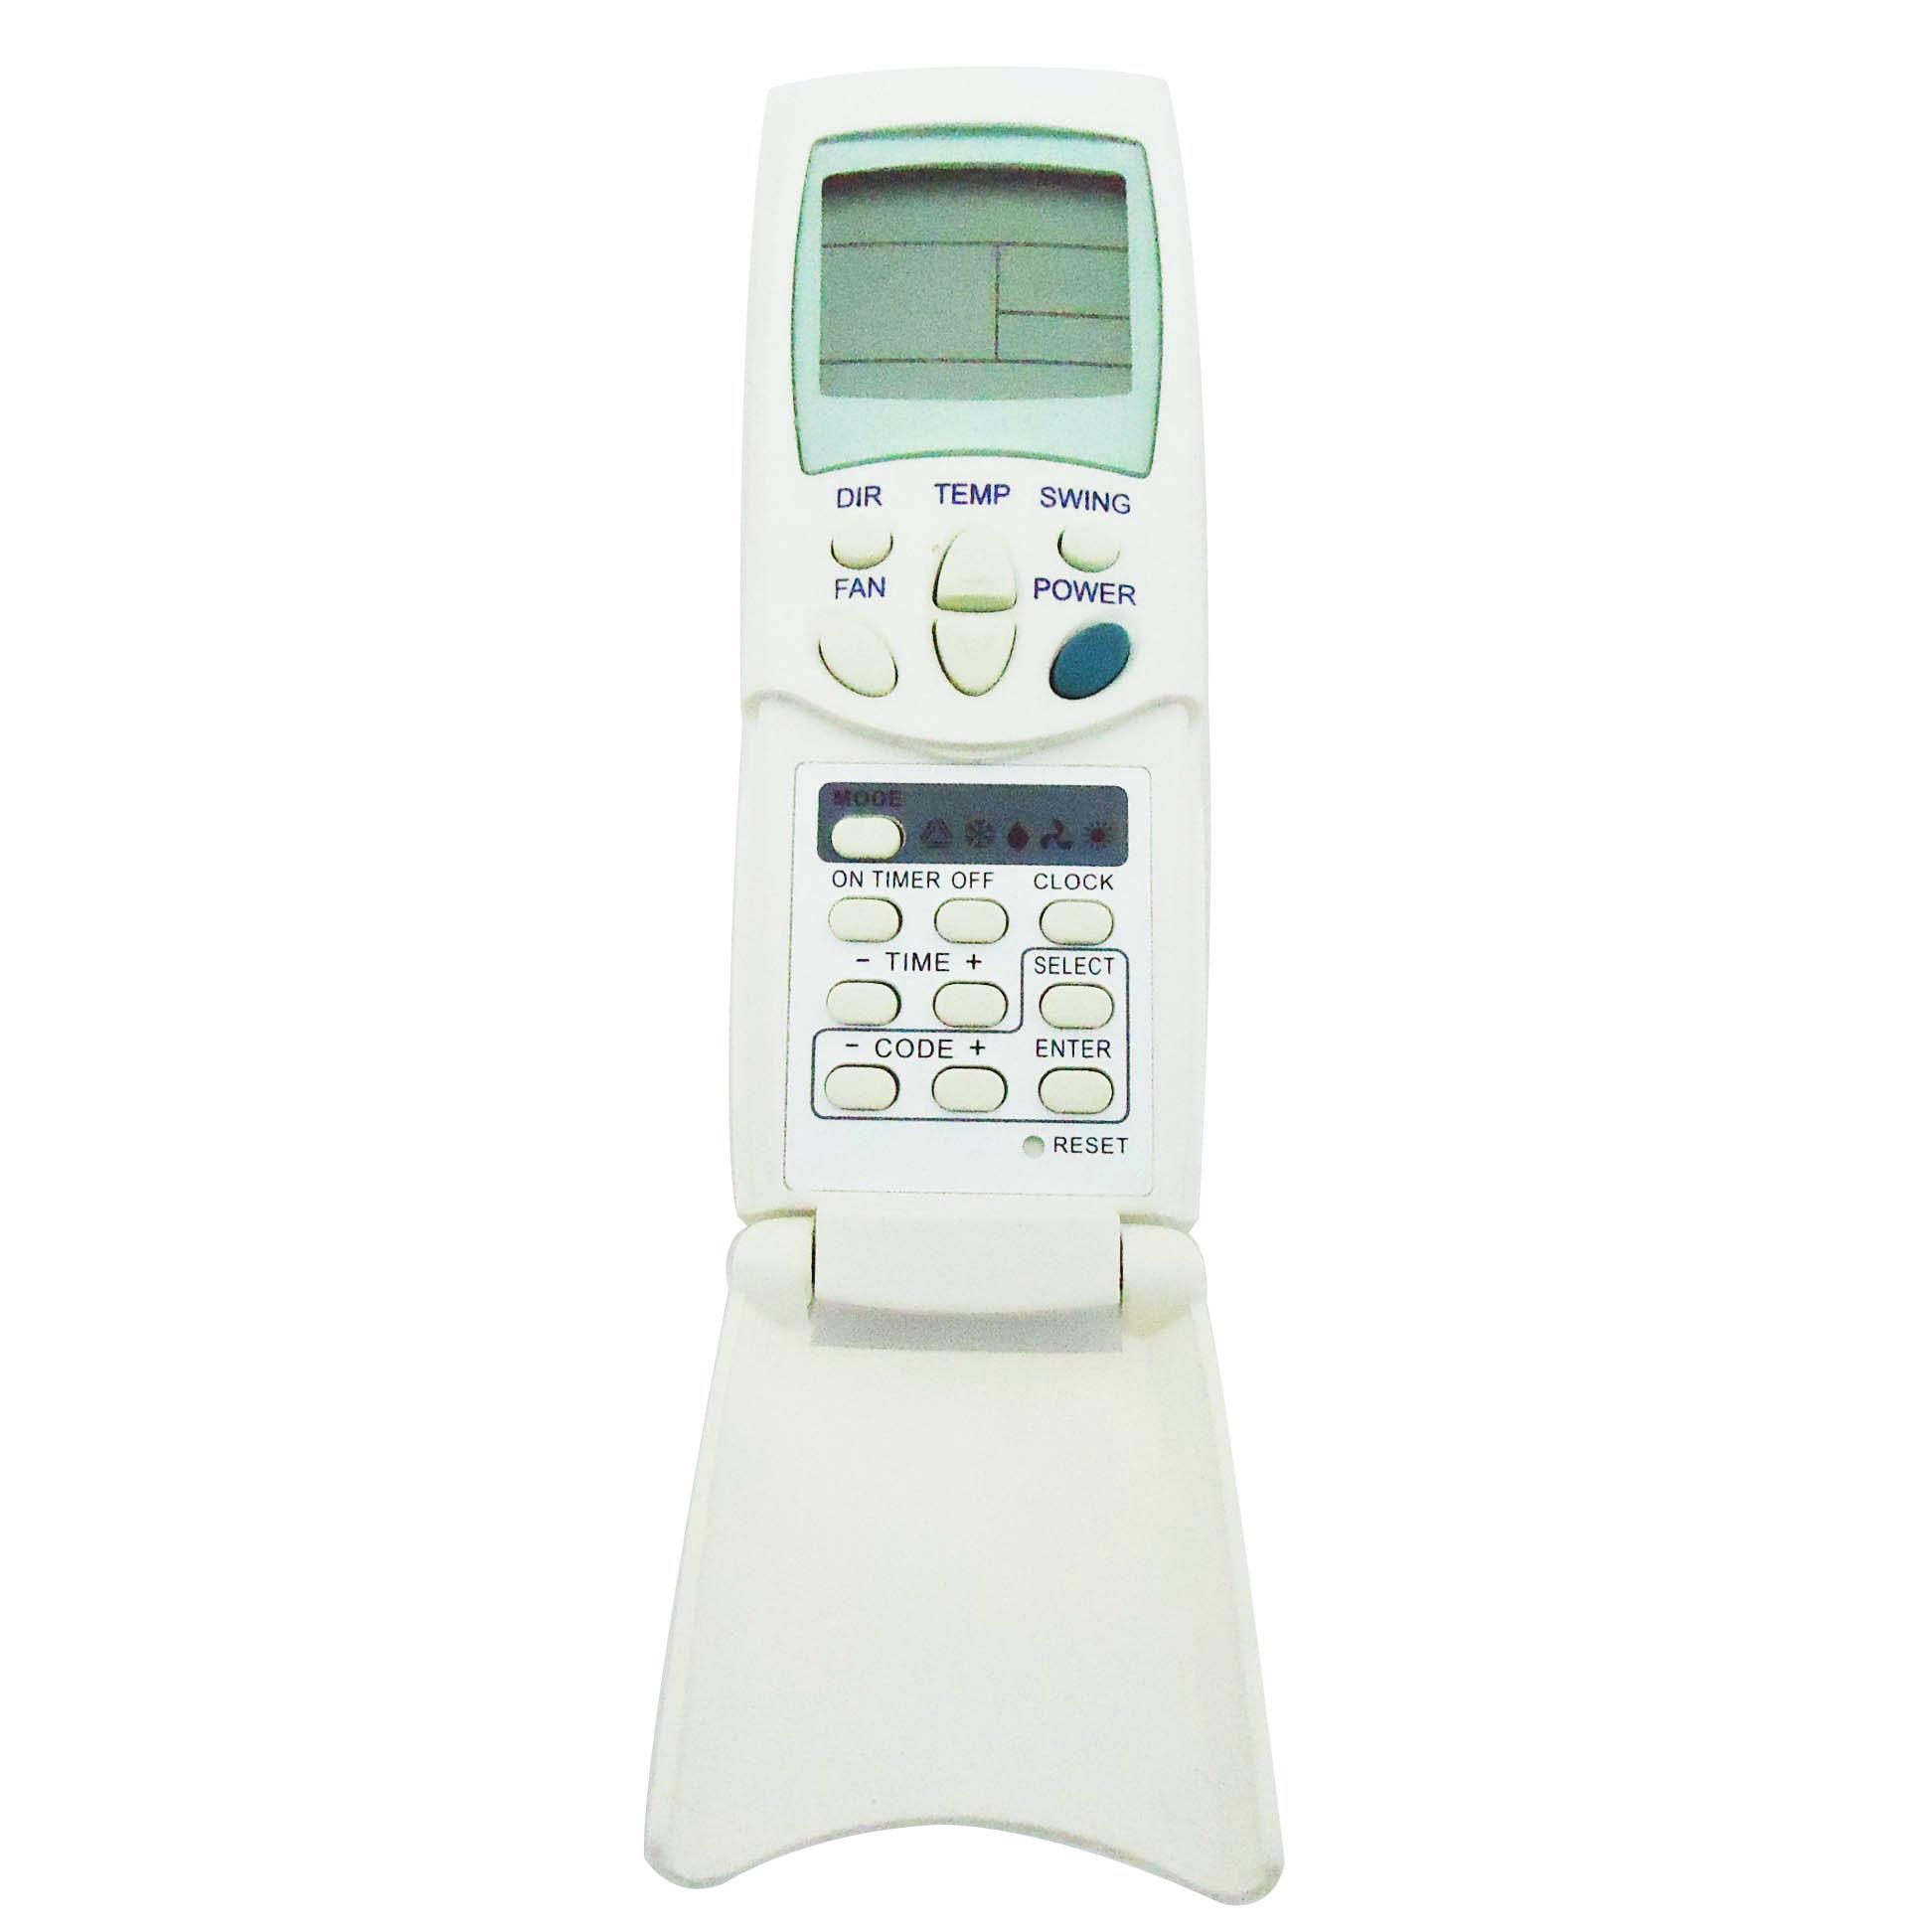 KT508 Τηλεχειριστήρια Κλιματιστικών Air Condition κλιματισμός    ανταλλακτικά   εξαρτήματα κλιματιστικών a c  προσφορές   κλιματισ